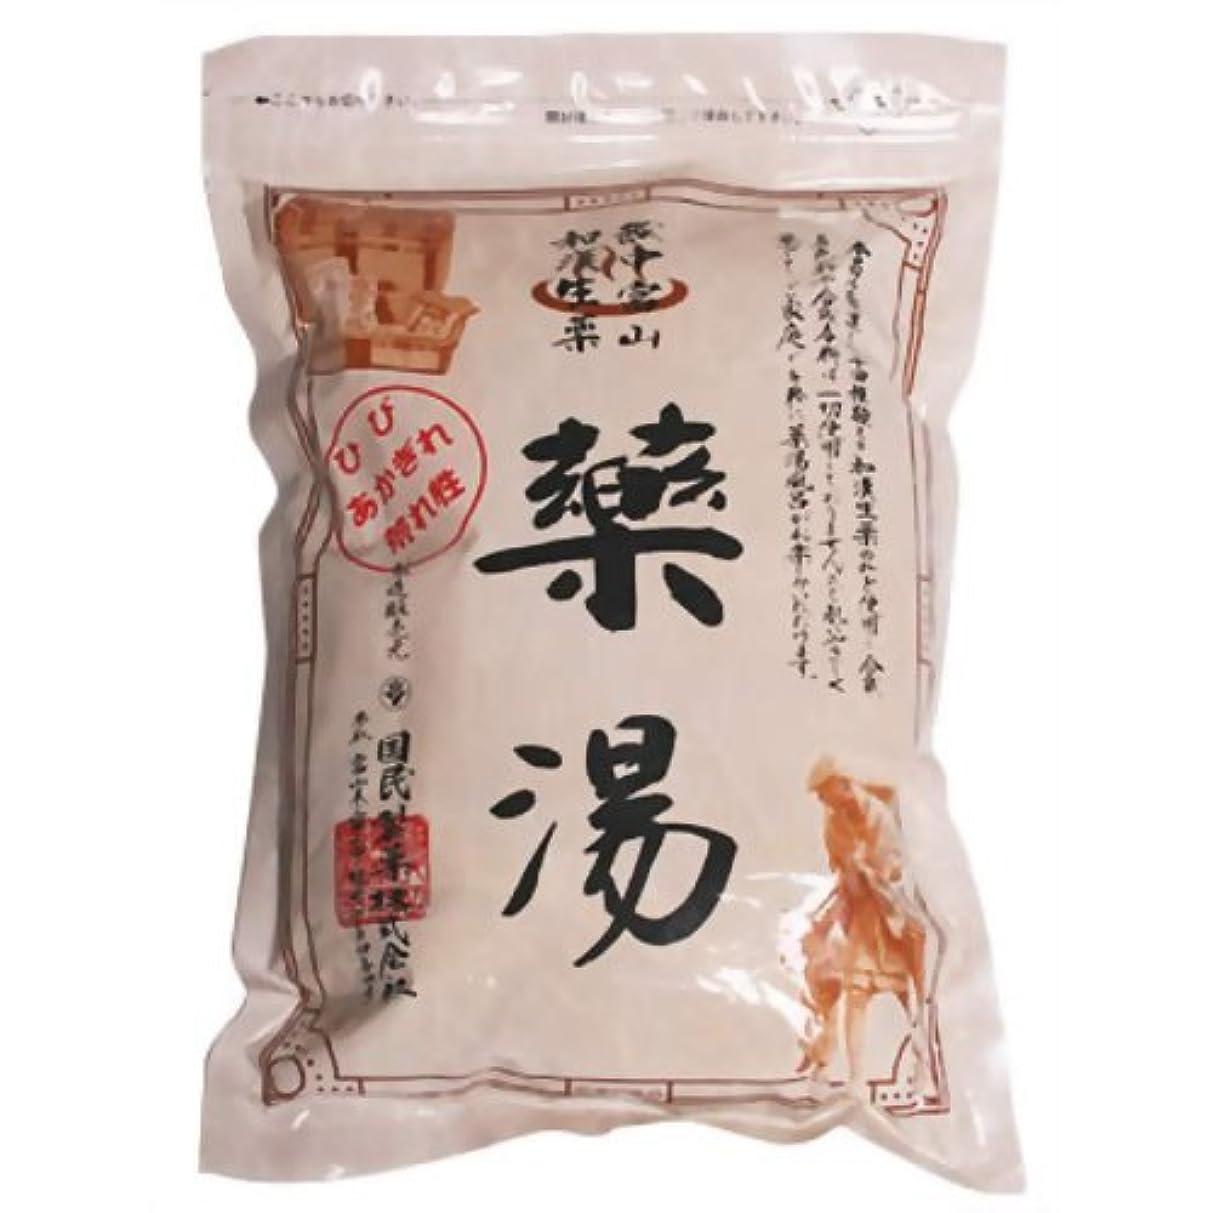 ブローホール子豚ミル薬湯 寿湯 40g*10包(入浴剤)